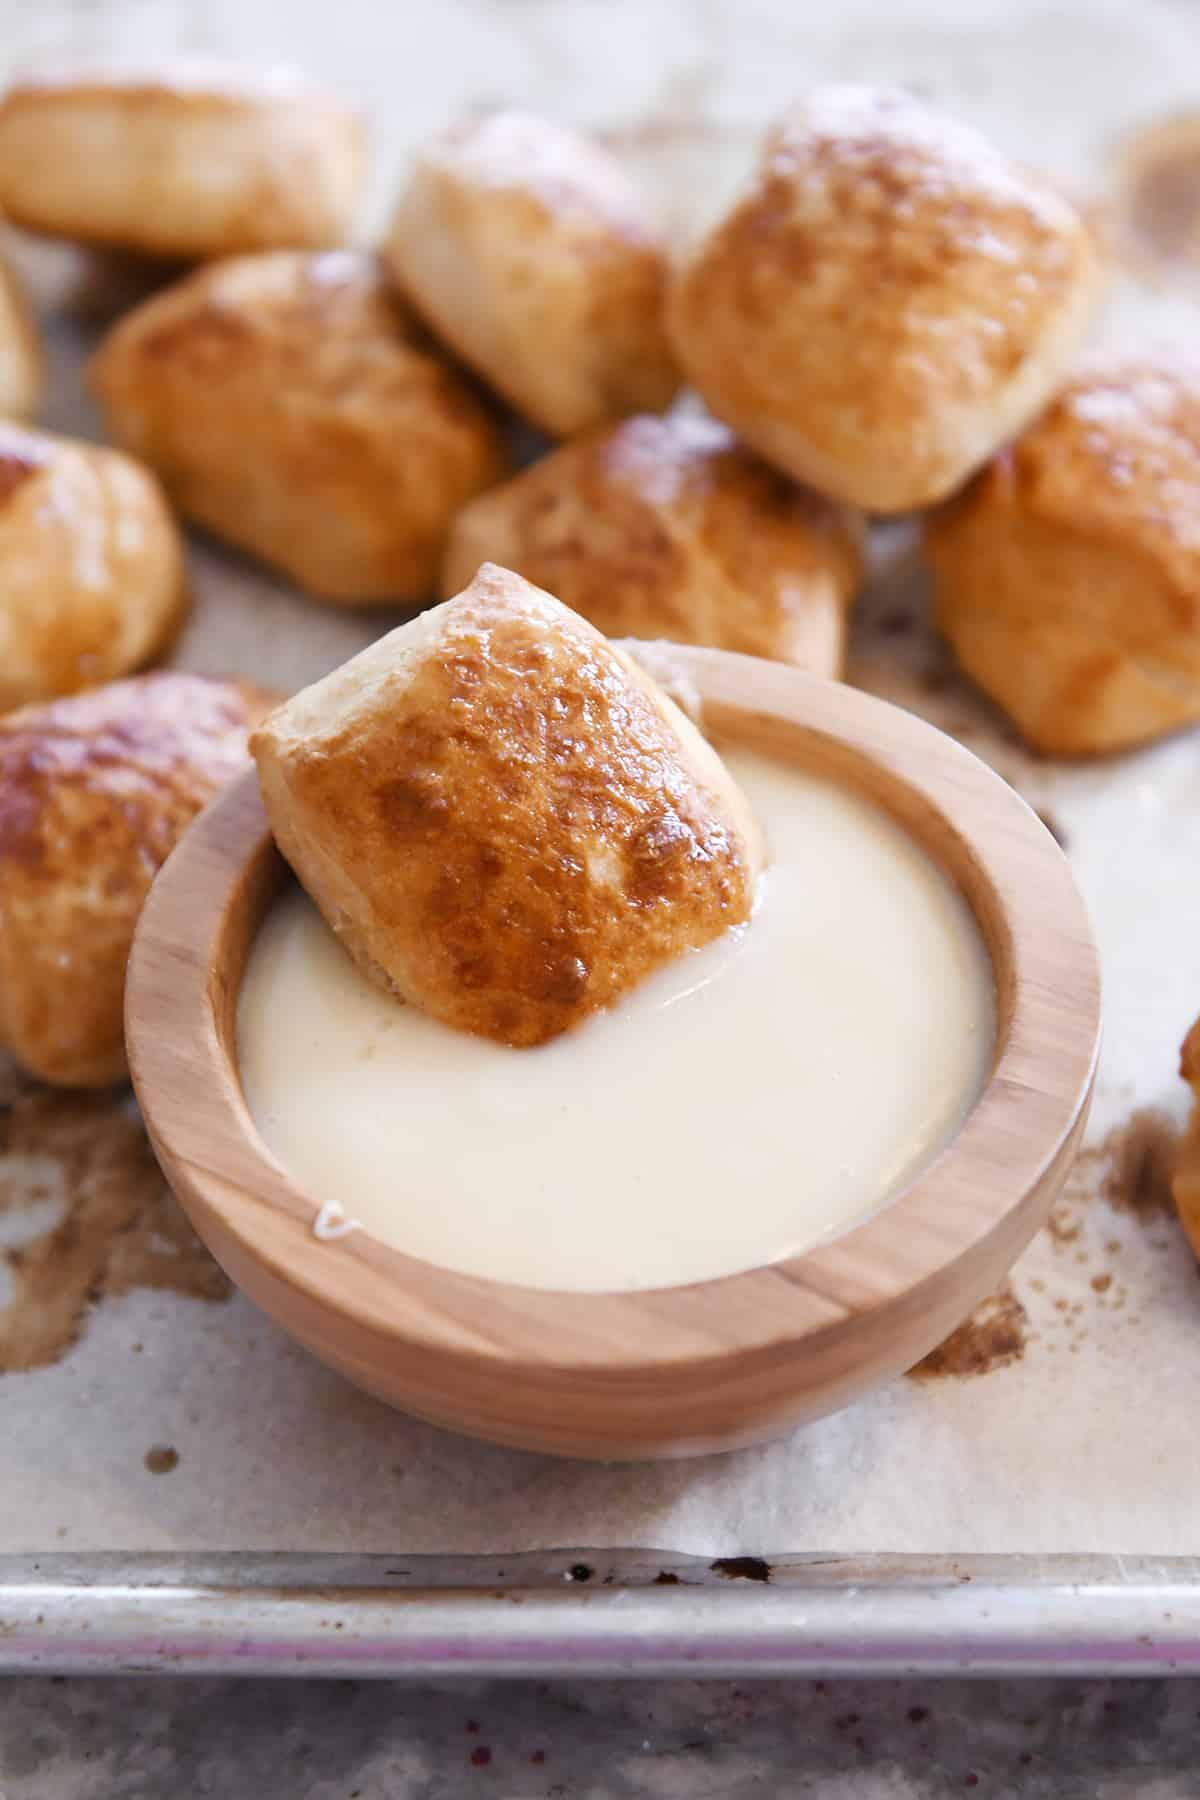 soft pretzel bite sitting in bowl of warm cheese sauce